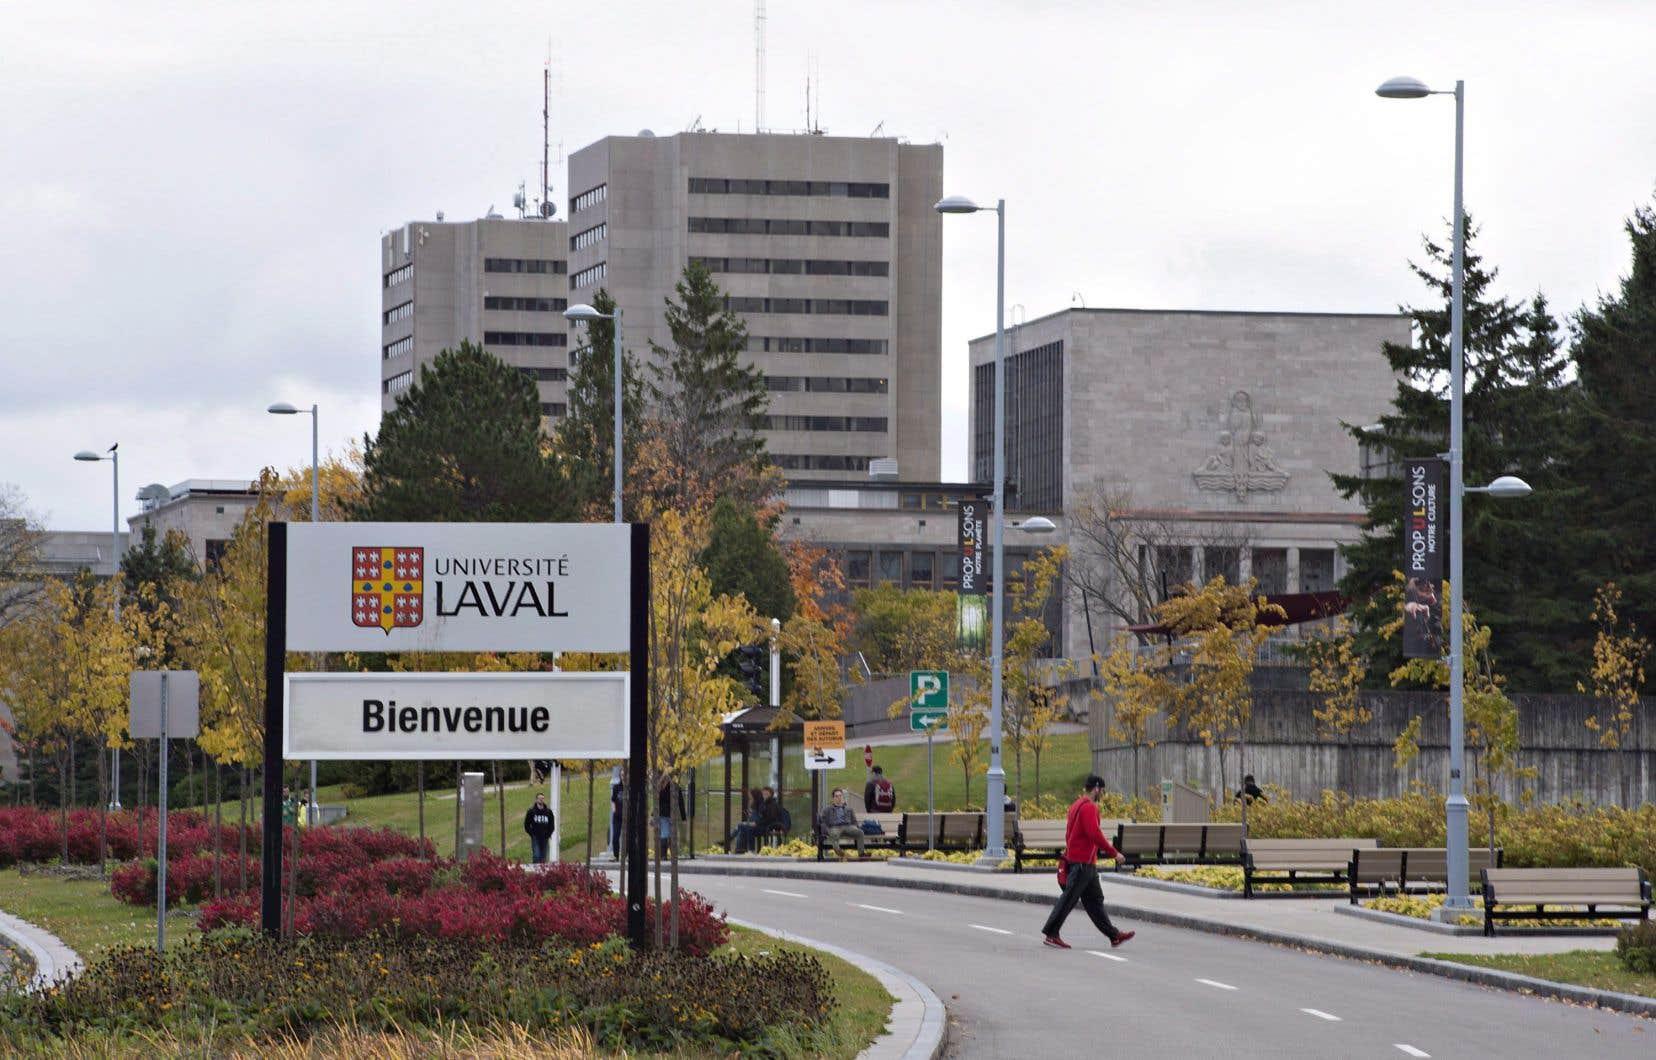 L'Université Laval s'engage à contracter la licence générale universitaire 2017-2021 de Copibec à partir du 1erjuin 2018, ainsi que celle de 2014-2017, rétroactivement.